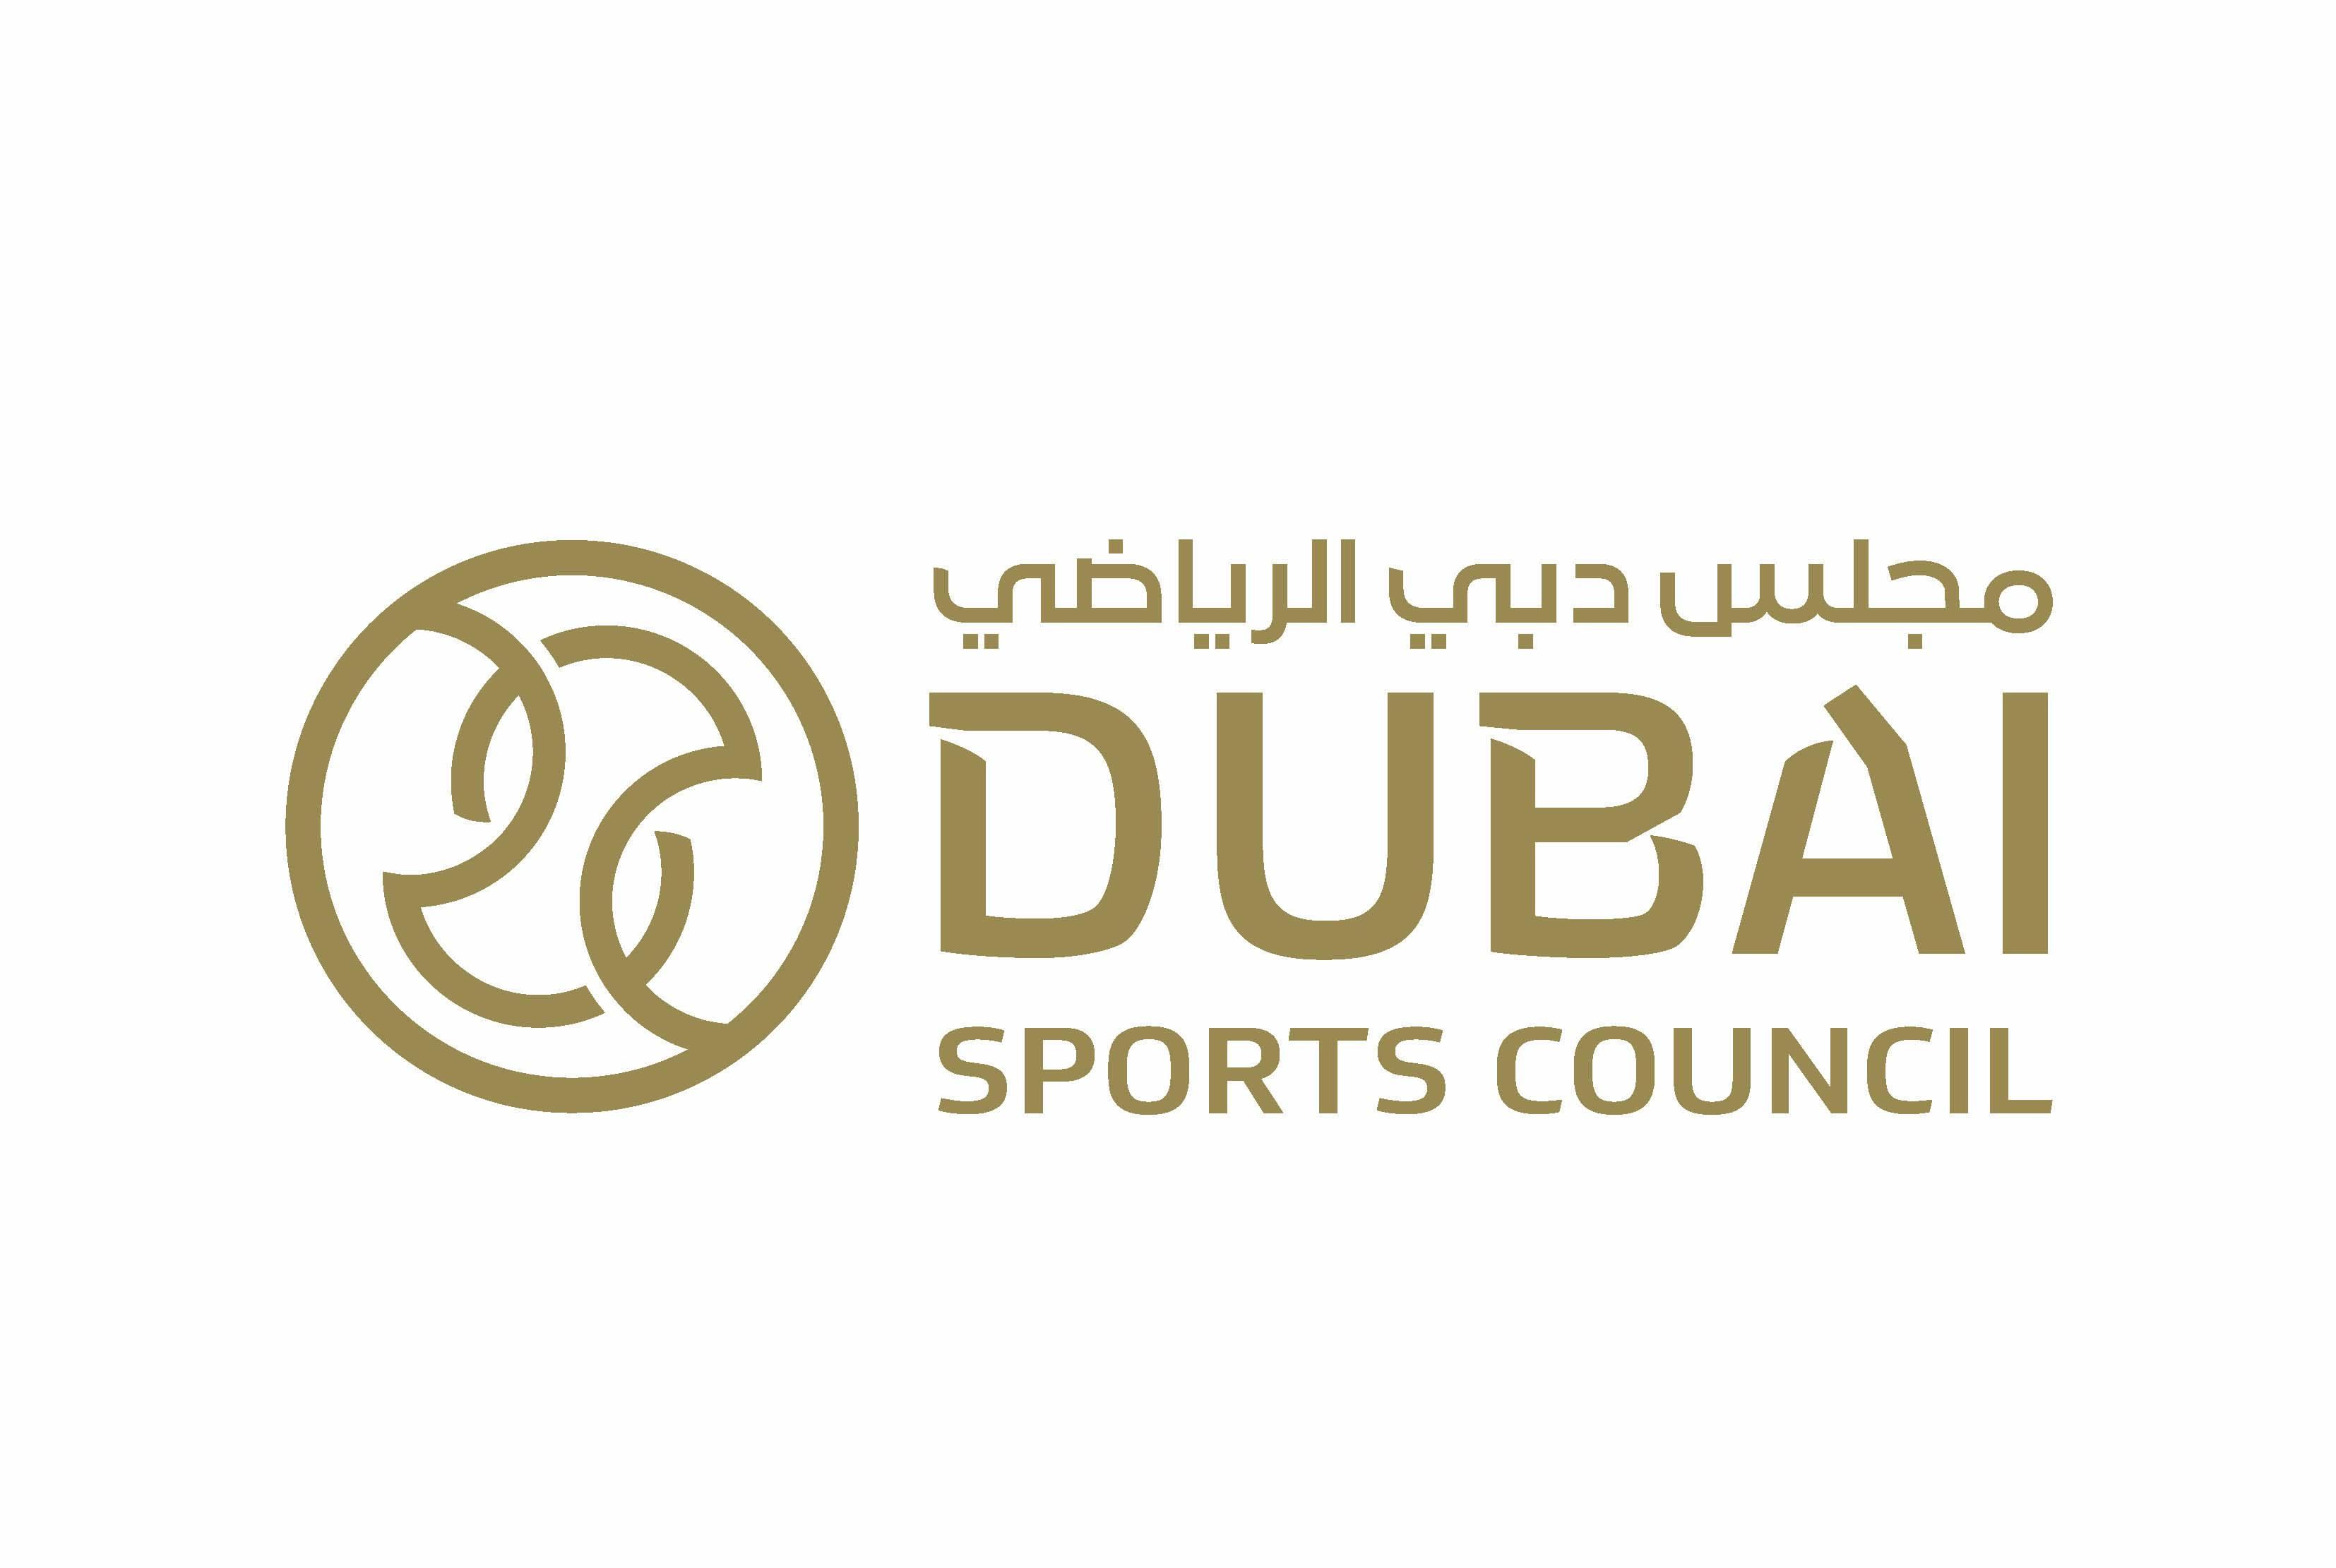 """نجوم الكرة العالمية ينضمون لمبادرة مجلس دبي الرياضي """"خلك نشيط وخلك سليم"""""""